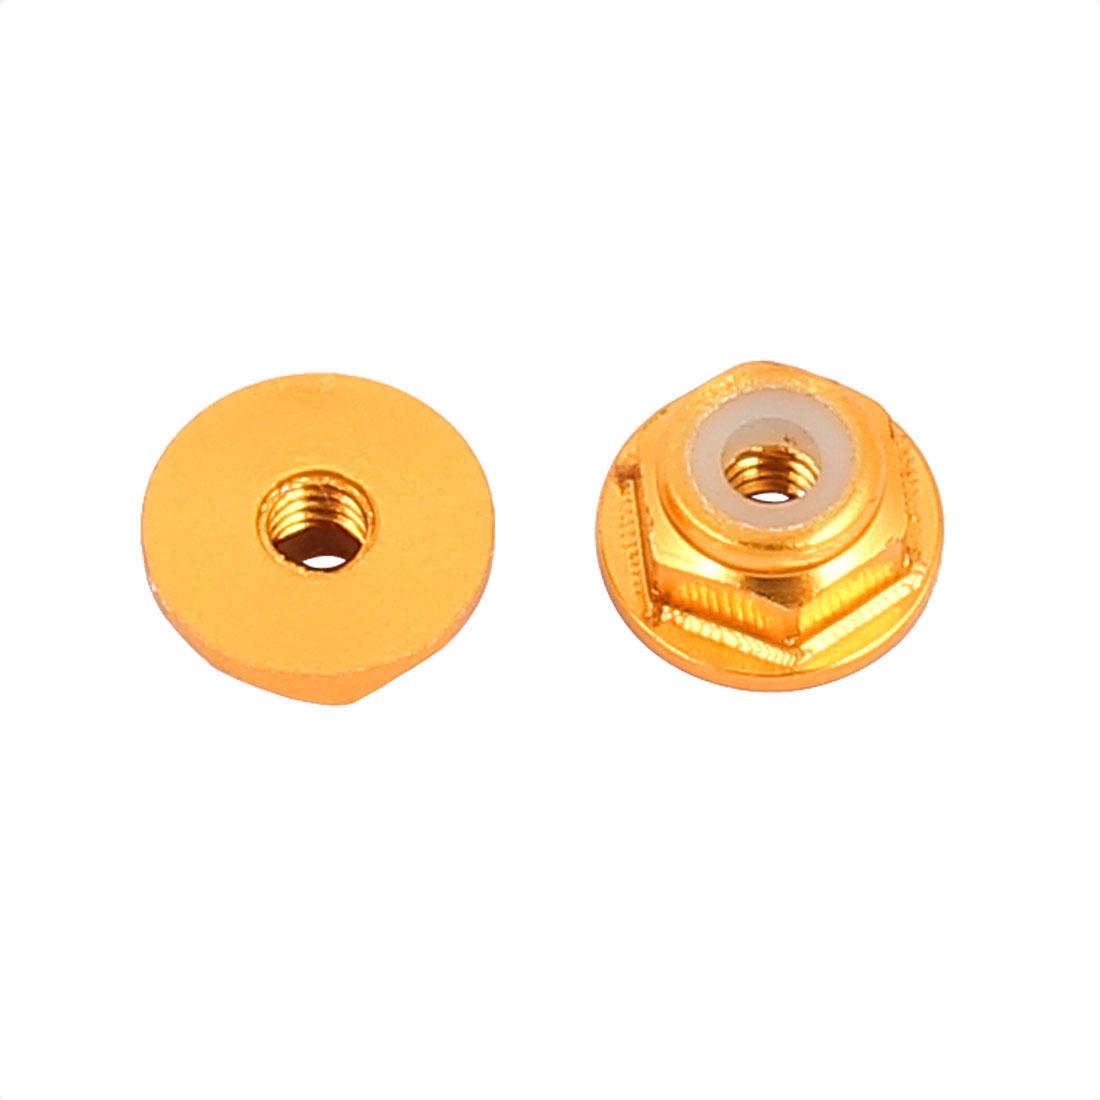 M2 Aluminum Alloy Golden Tone Flange Nut For RC Remote Vehicle DIY 2 Pcs